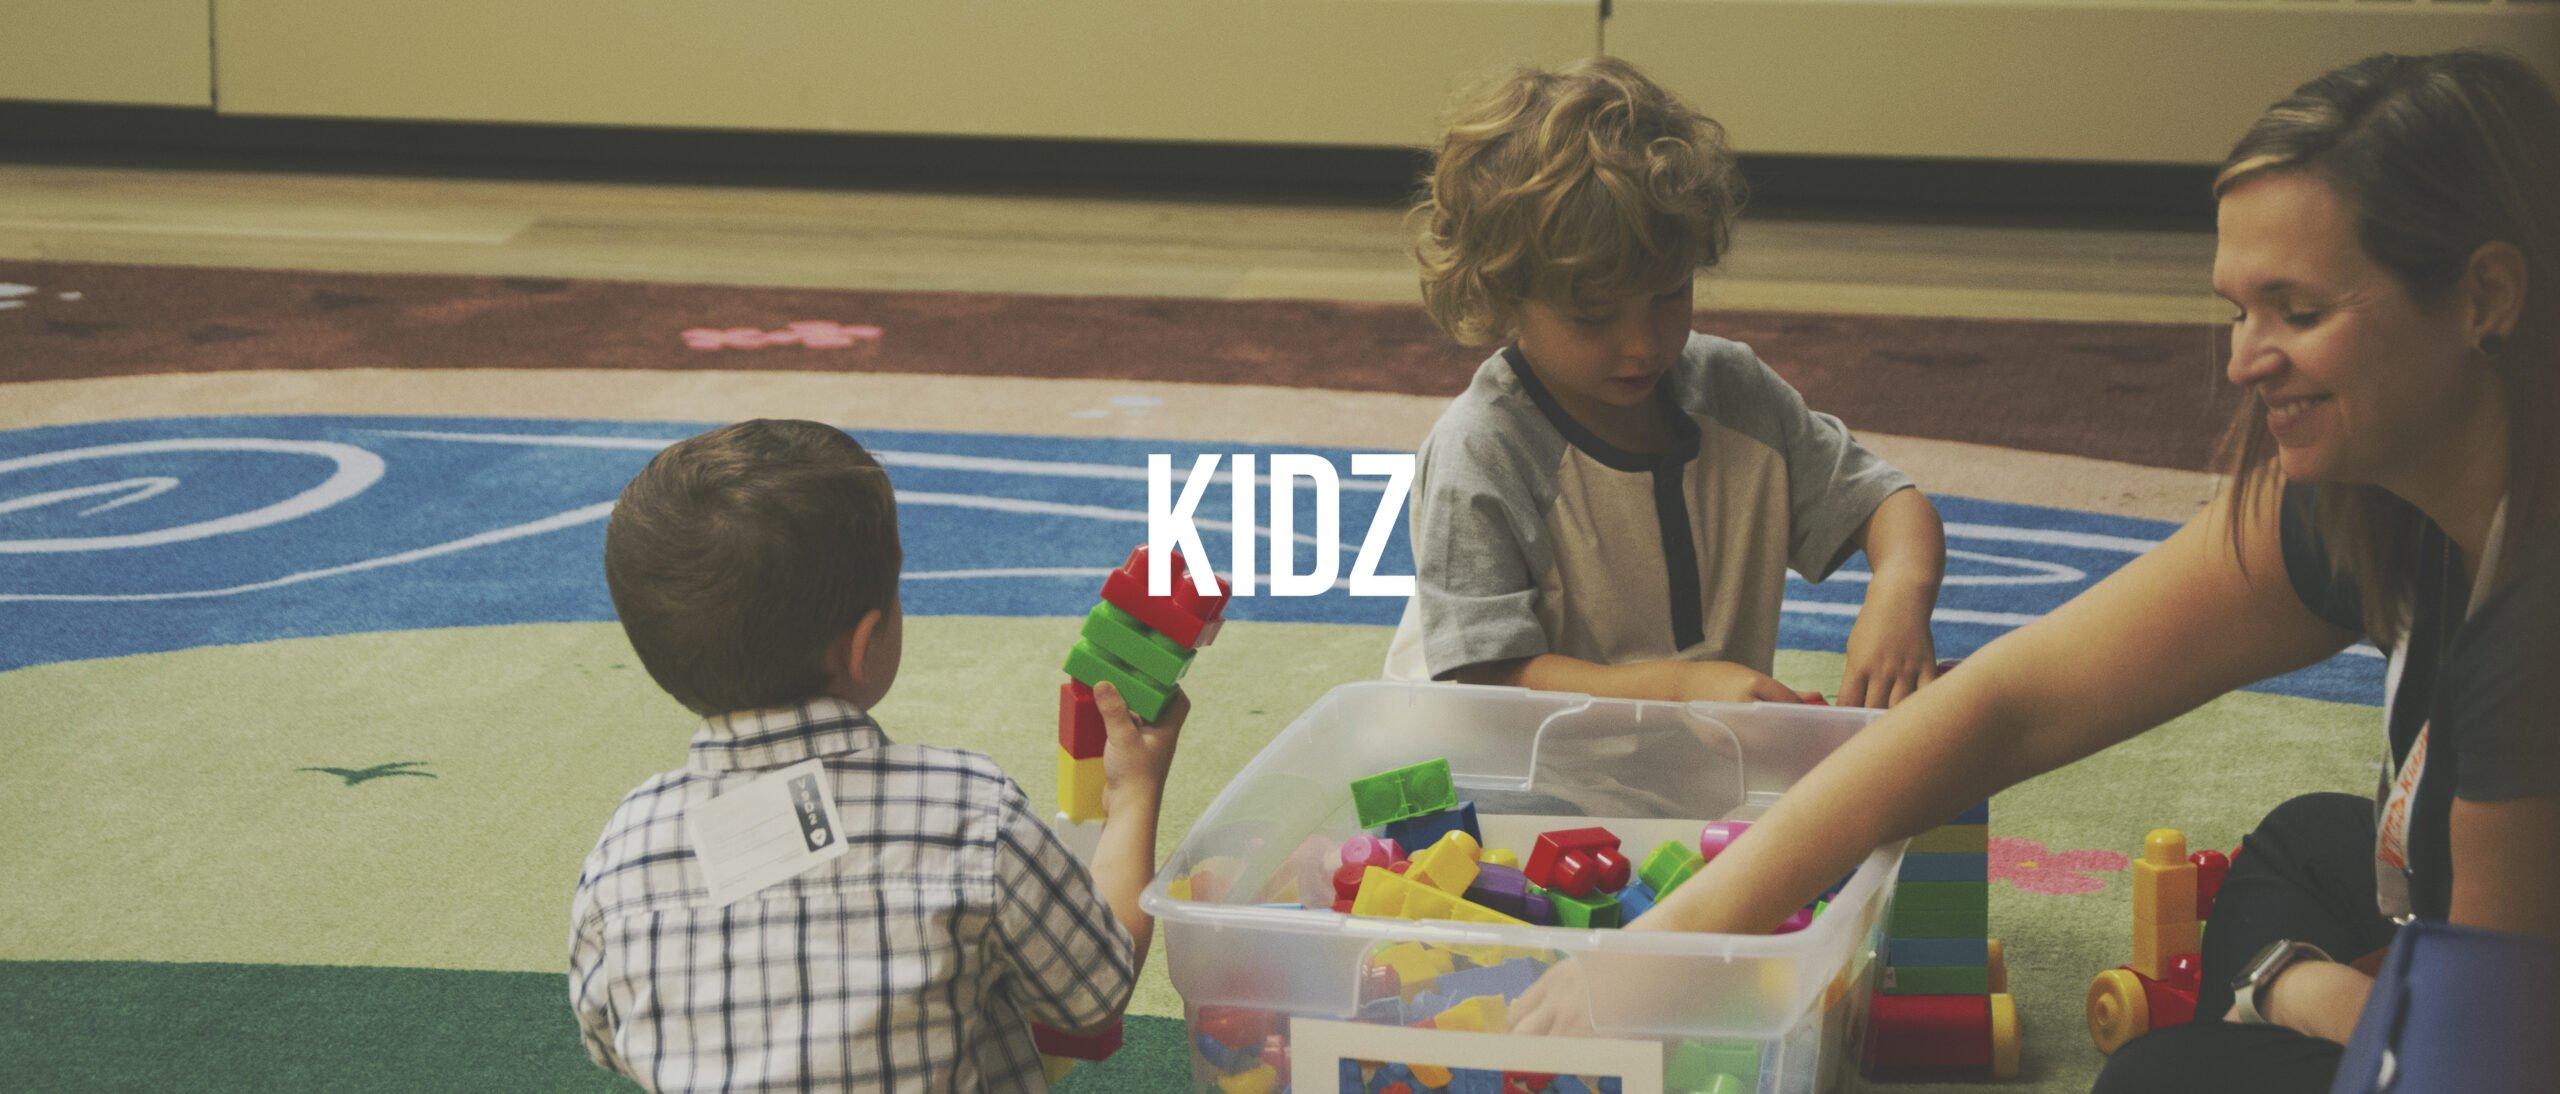 kids-header